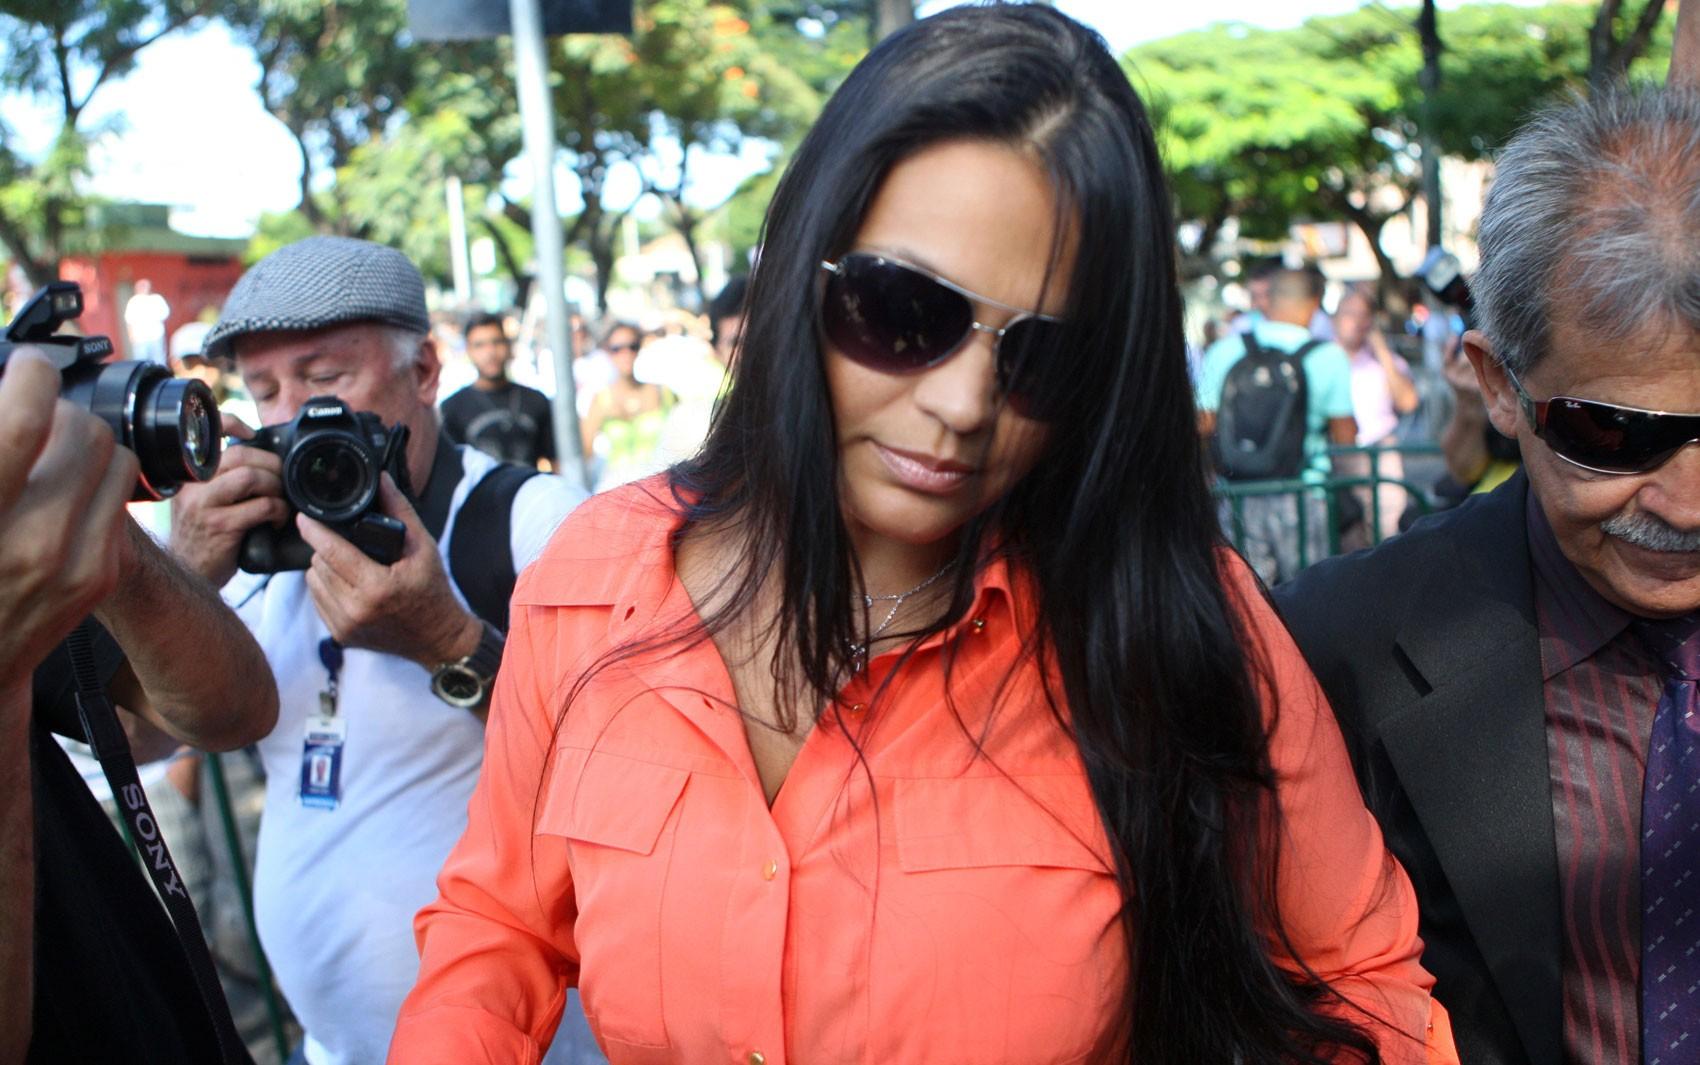 Ingrid Calheiros, que tem se apresentado como mulher de Bruno, chegou ao Fórum de Contagem próximo das 9h (Foto: Rodrigo Lima/O Tempo/Estadão Conteúdo)